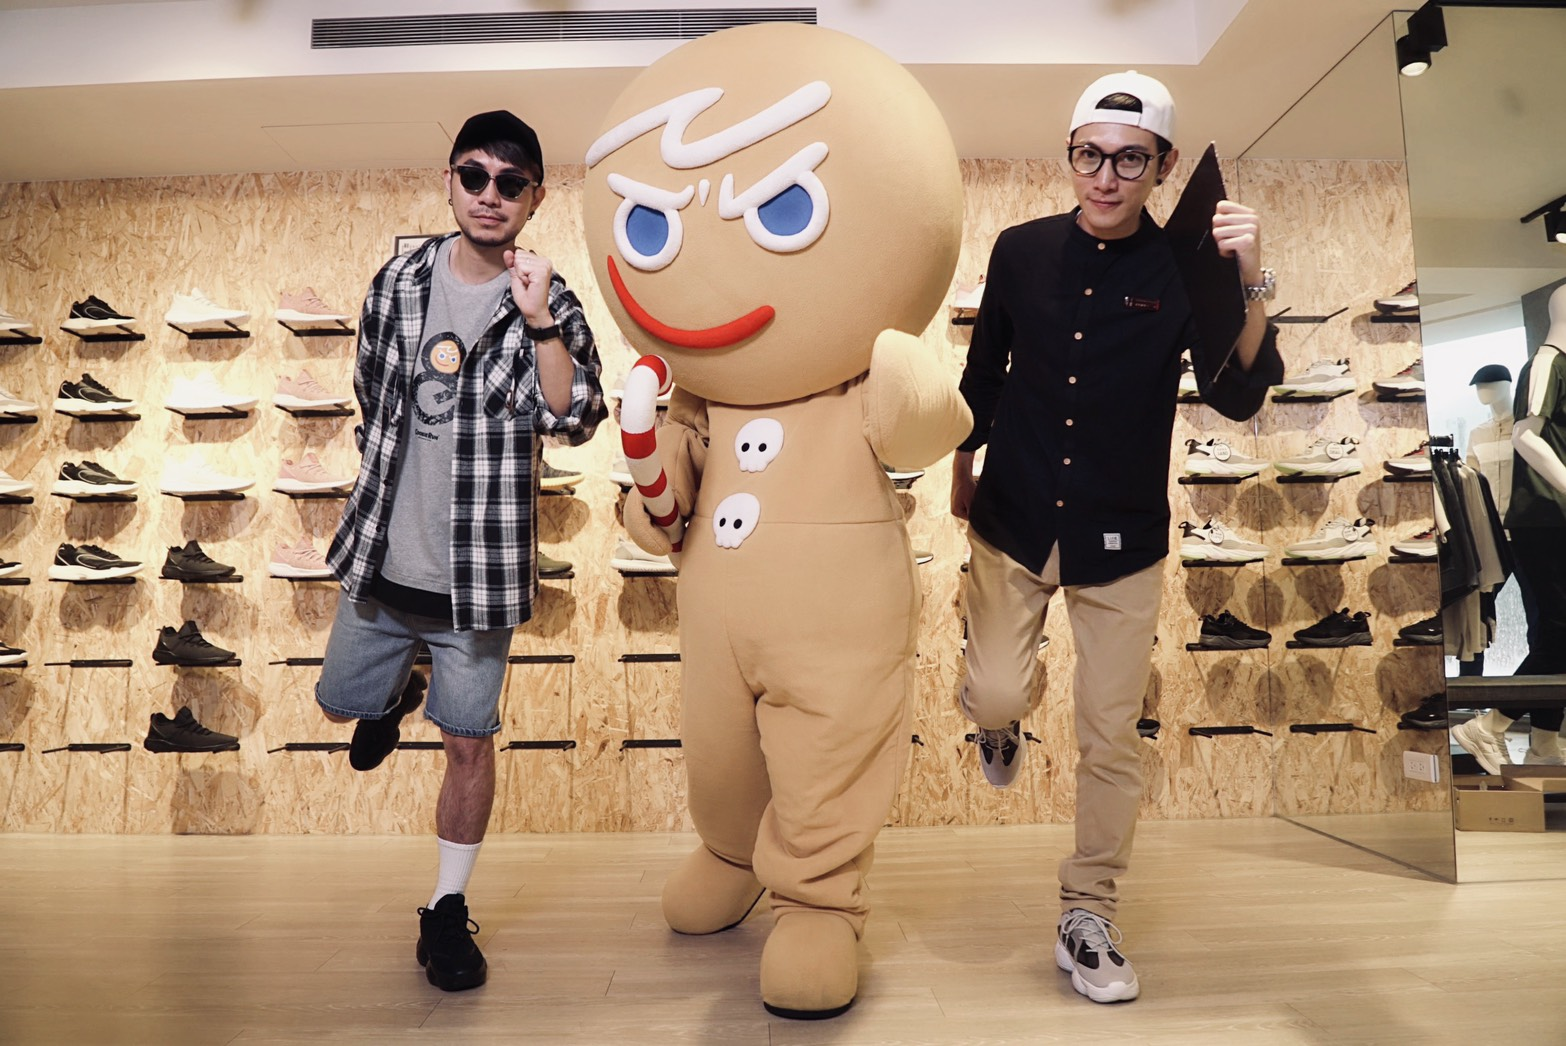 《Life8 x 跑跑薑餅人》 跨界聯名全台限量發售 首賣會現場「記憶小島輕電競」玩家PK搶Switch!!